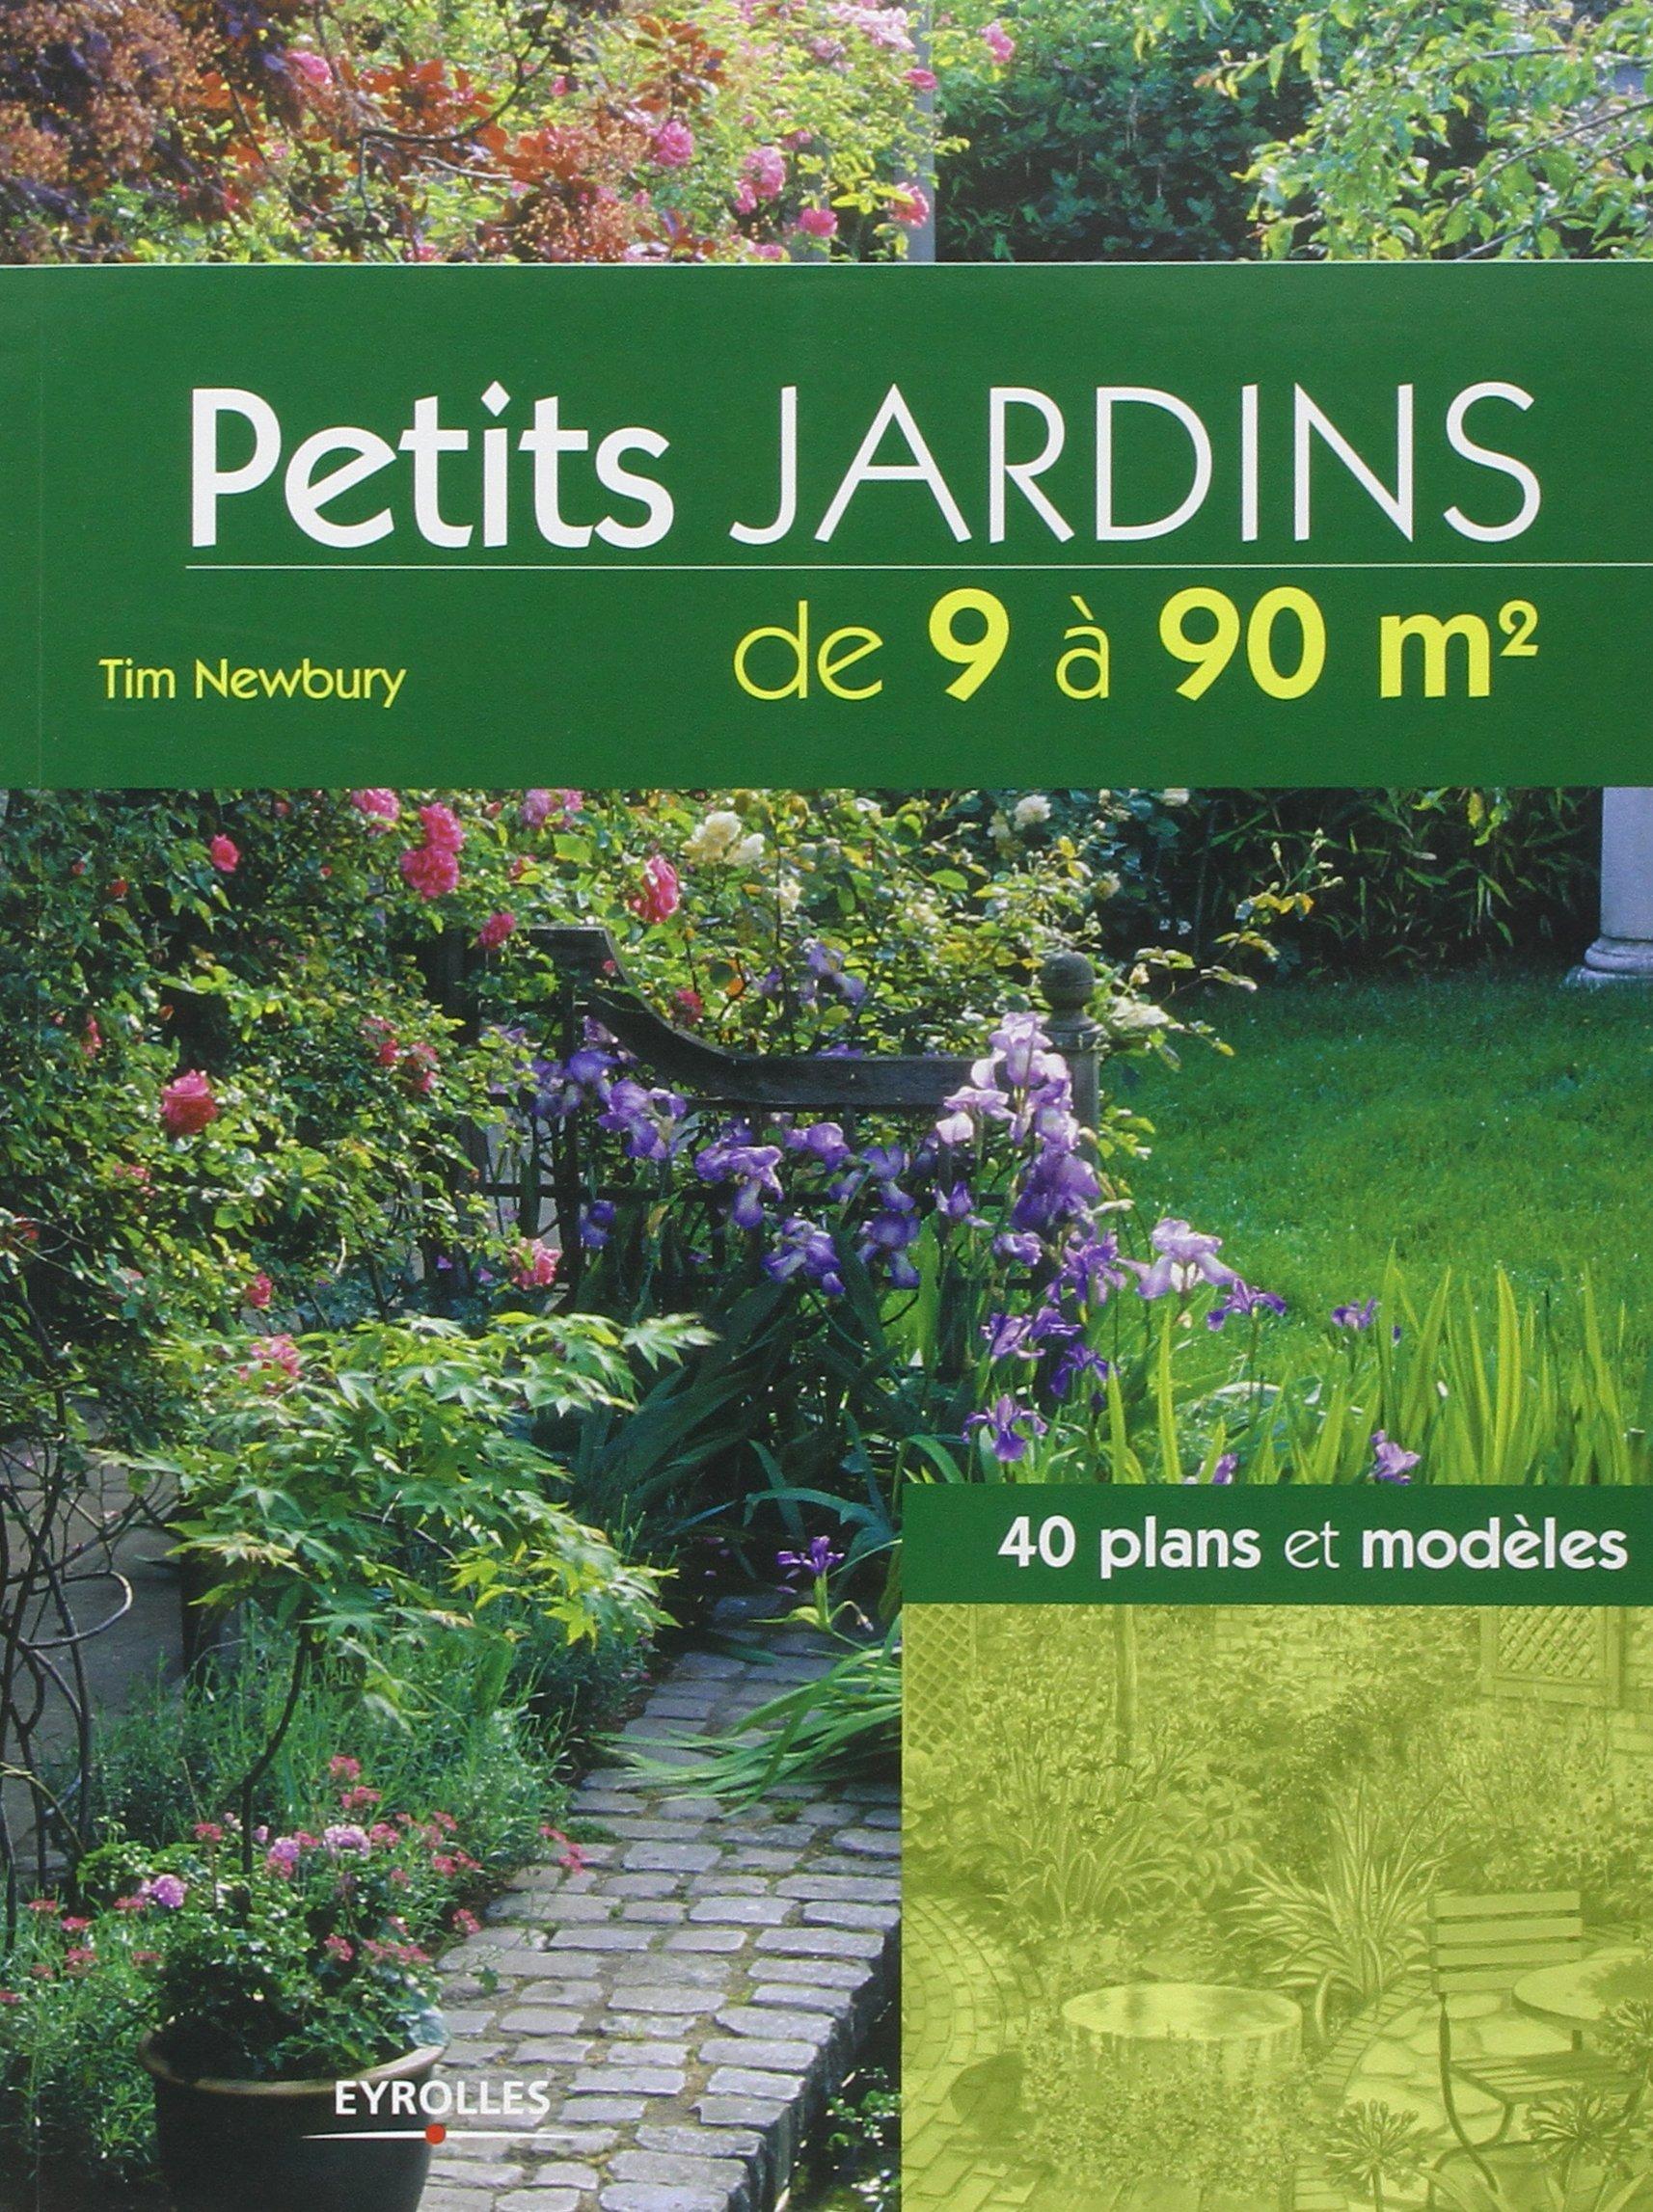 Petits Jardins De 9 A 90 M 40 Plans Et Modeles Eyrolles French Edition Newbury Tim 9782212123579 Amazon Com Books